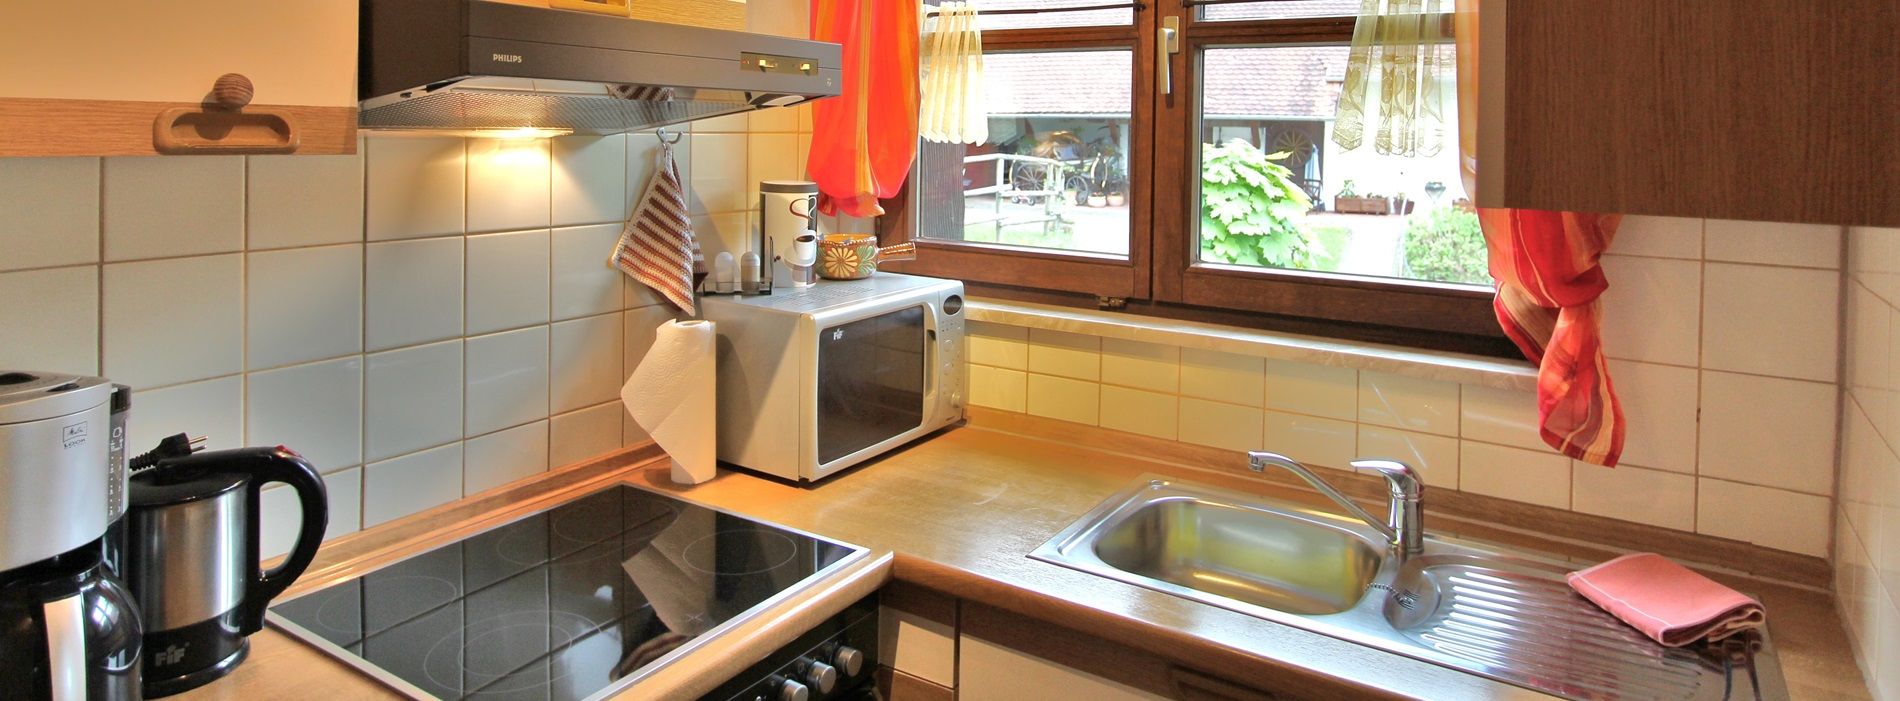 Küche Ferienwohnung Hubhof Oberharmersbach